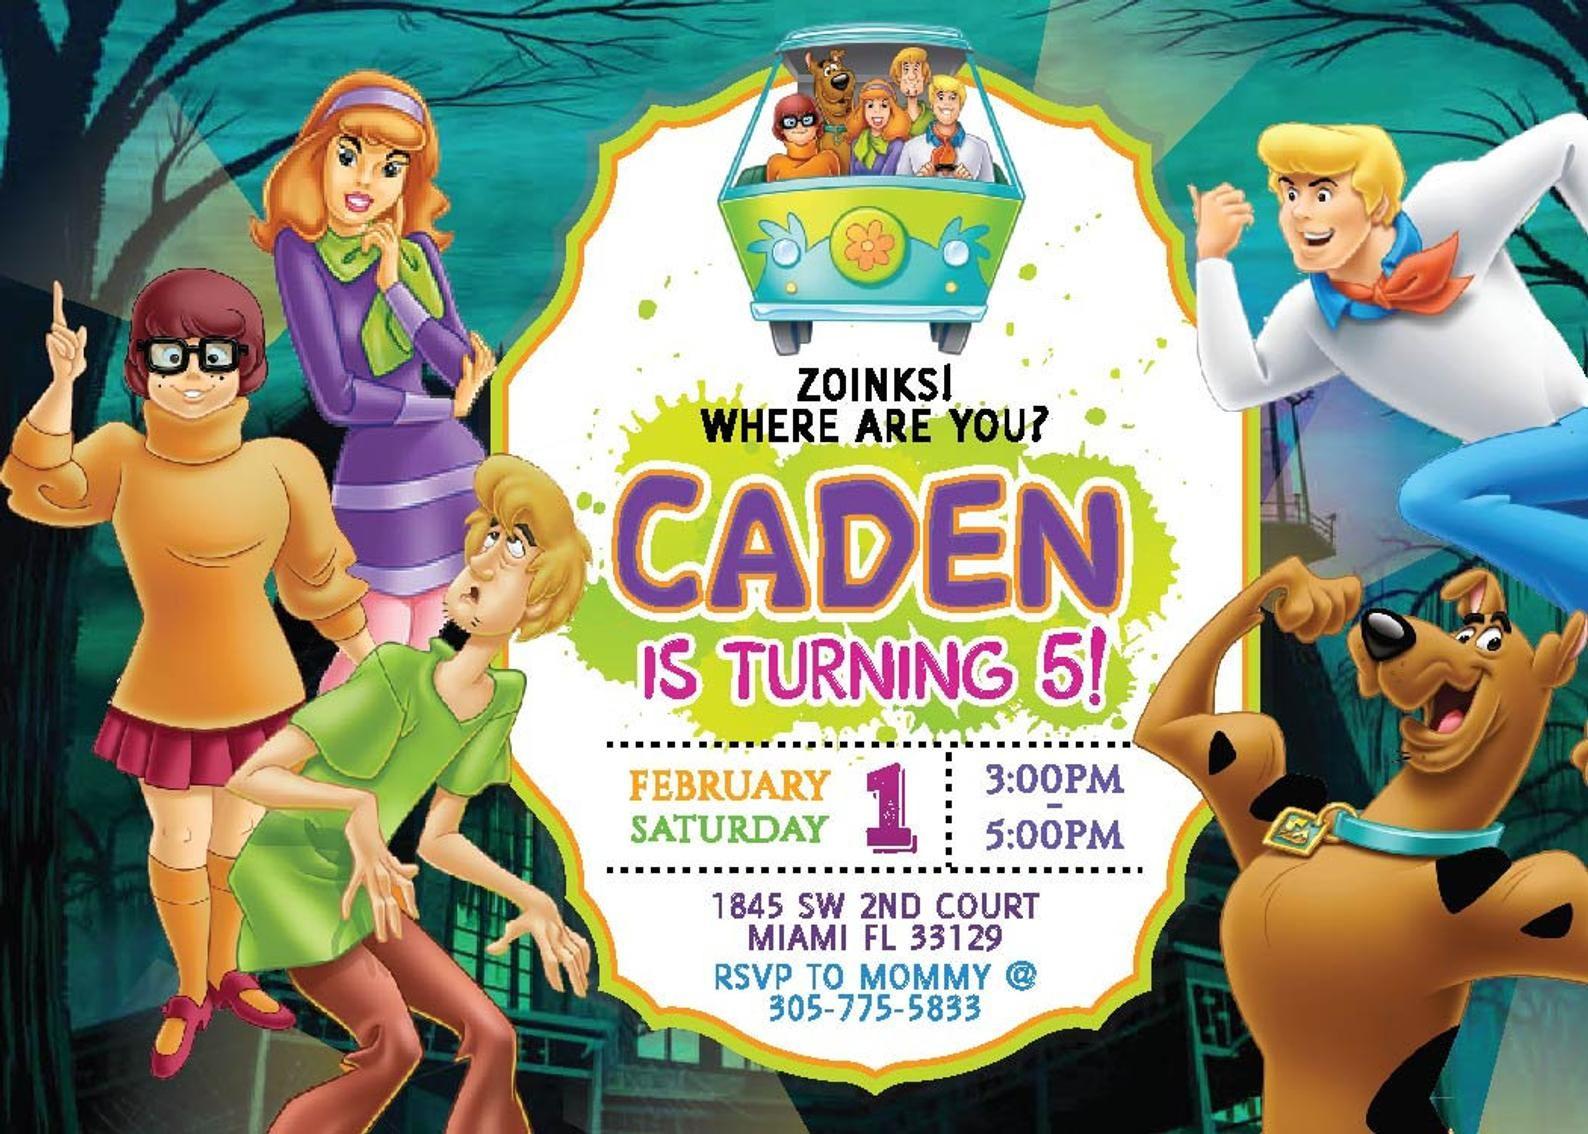 Invitacion De Cumpleanos De Digital Scooby Doo Scooby Doo Etsy Digital Invitations Birthday Invitations Boy Birthday